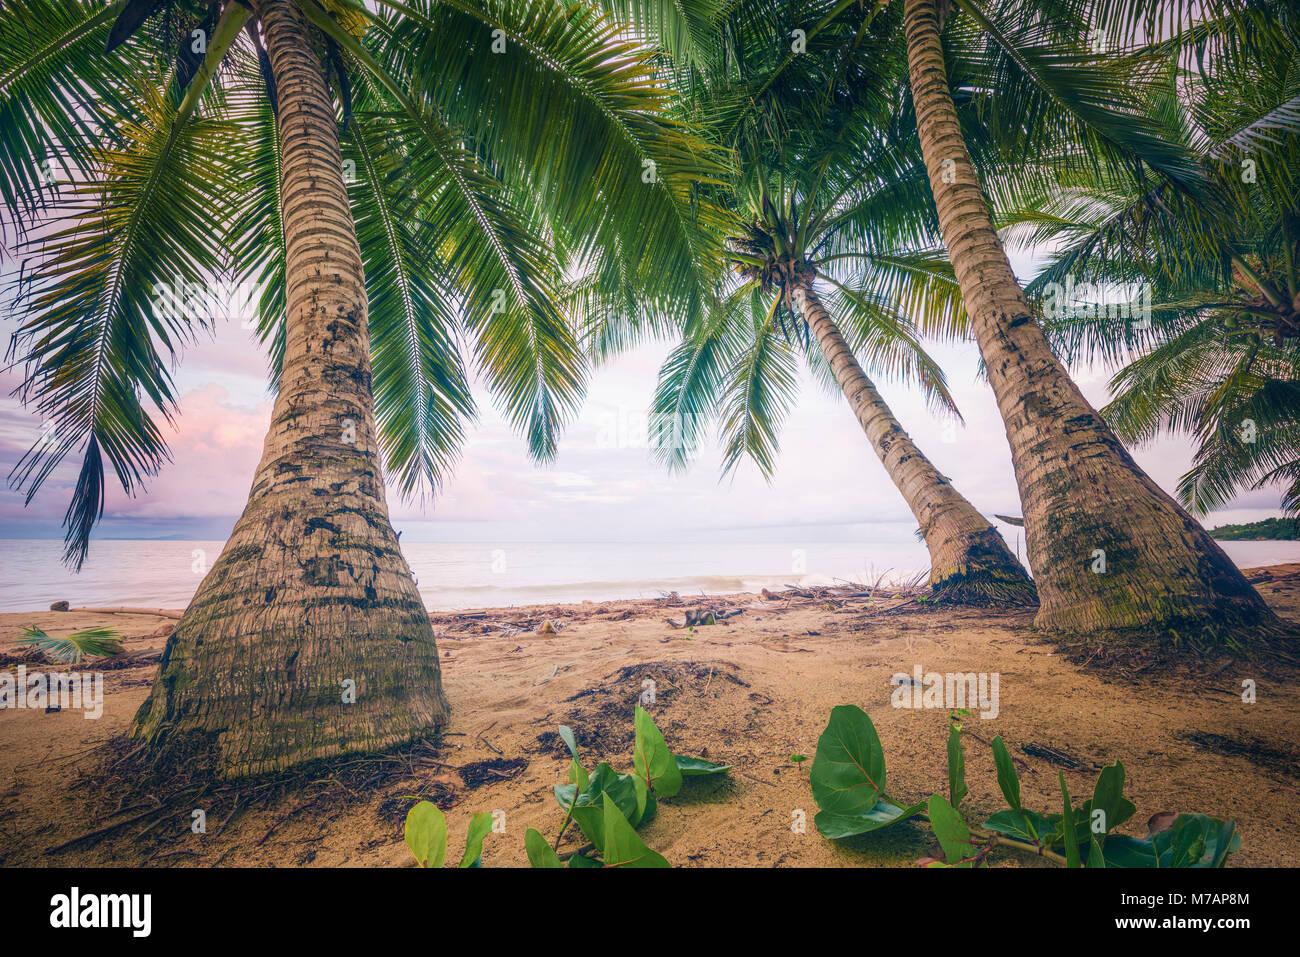 Scena di spiaggia in stile retrò sull'isola dei Caraibi Porto Rico Immagini Stock